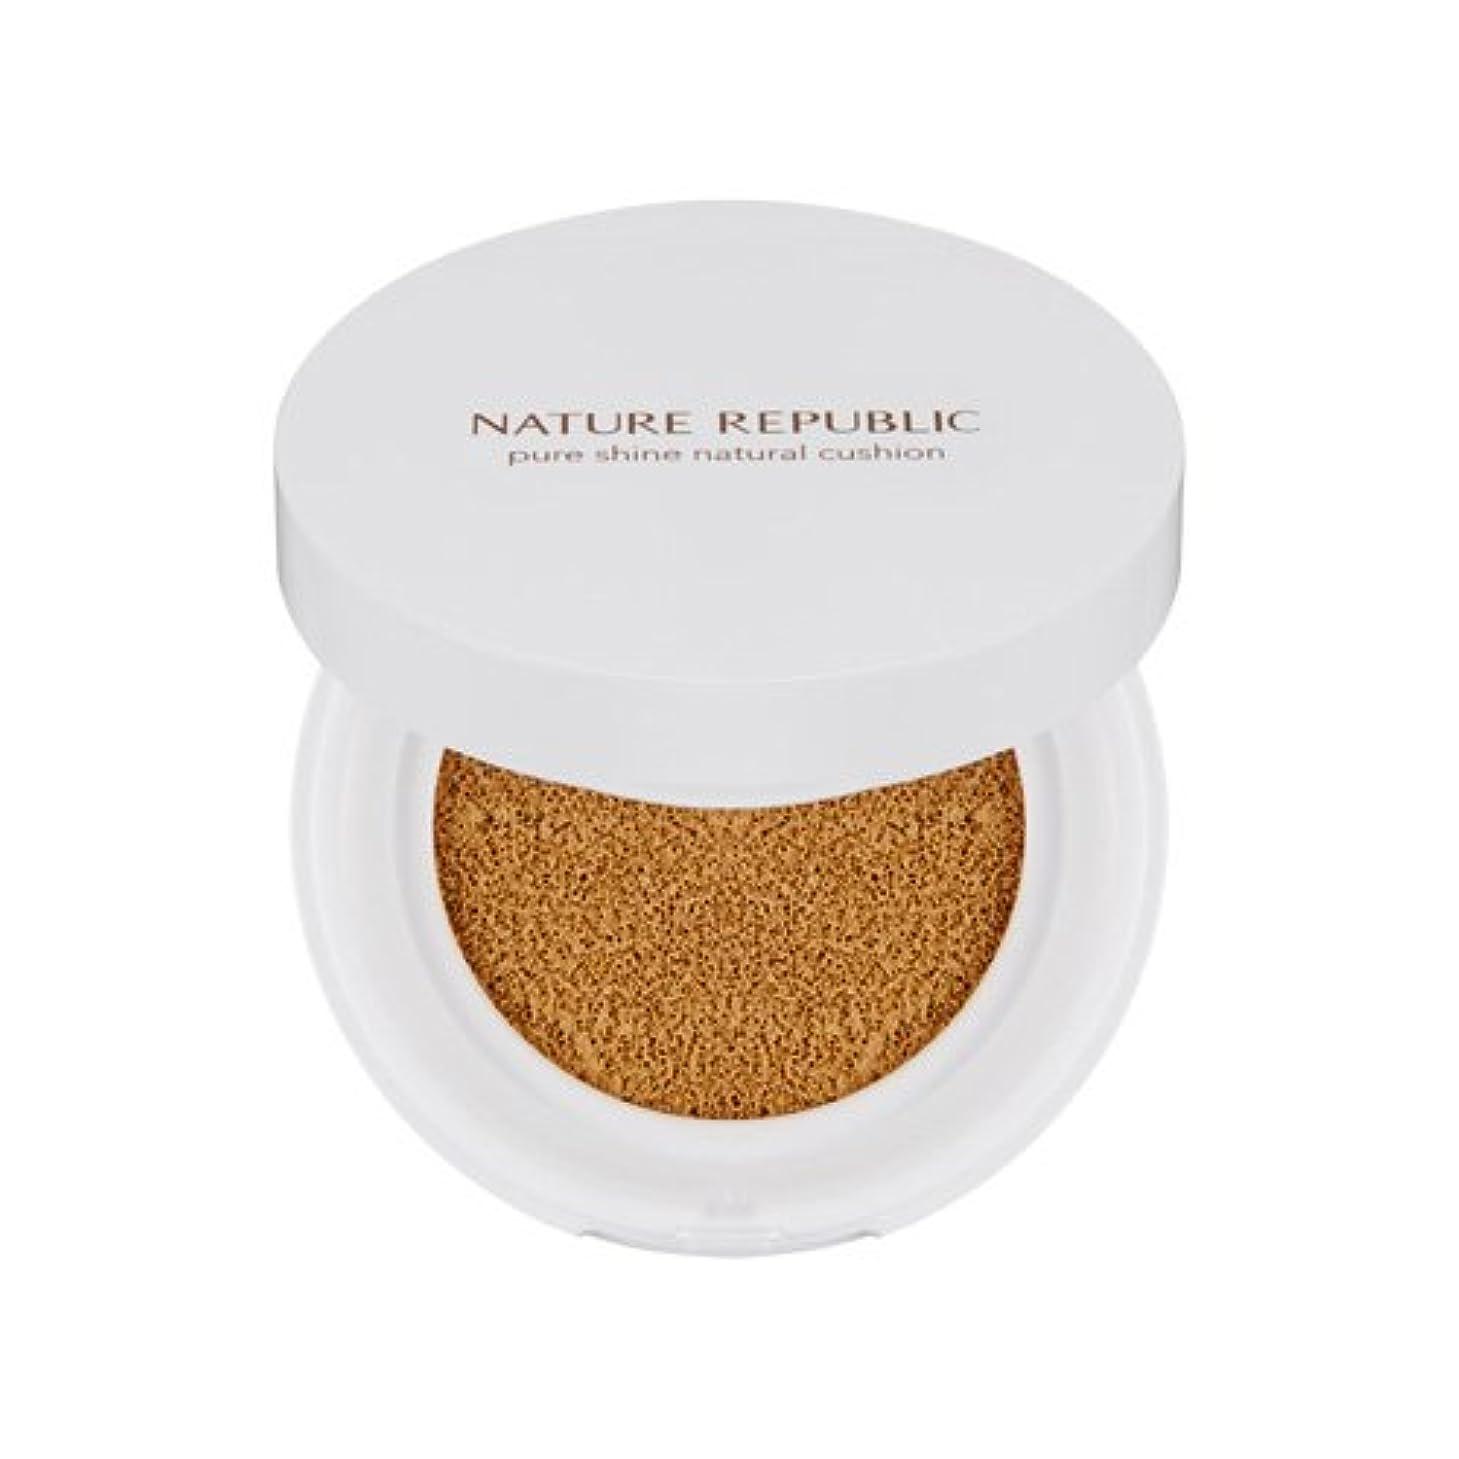 契約した大洪水パイプラインNATURE REPUBLIC Pure Shine Natural Cushion #02 Natural Beige SPF50 + PA +++ ネイチャーリパブリック ピュアシャインナチュラルクッション #02ナチュラルベージュ...